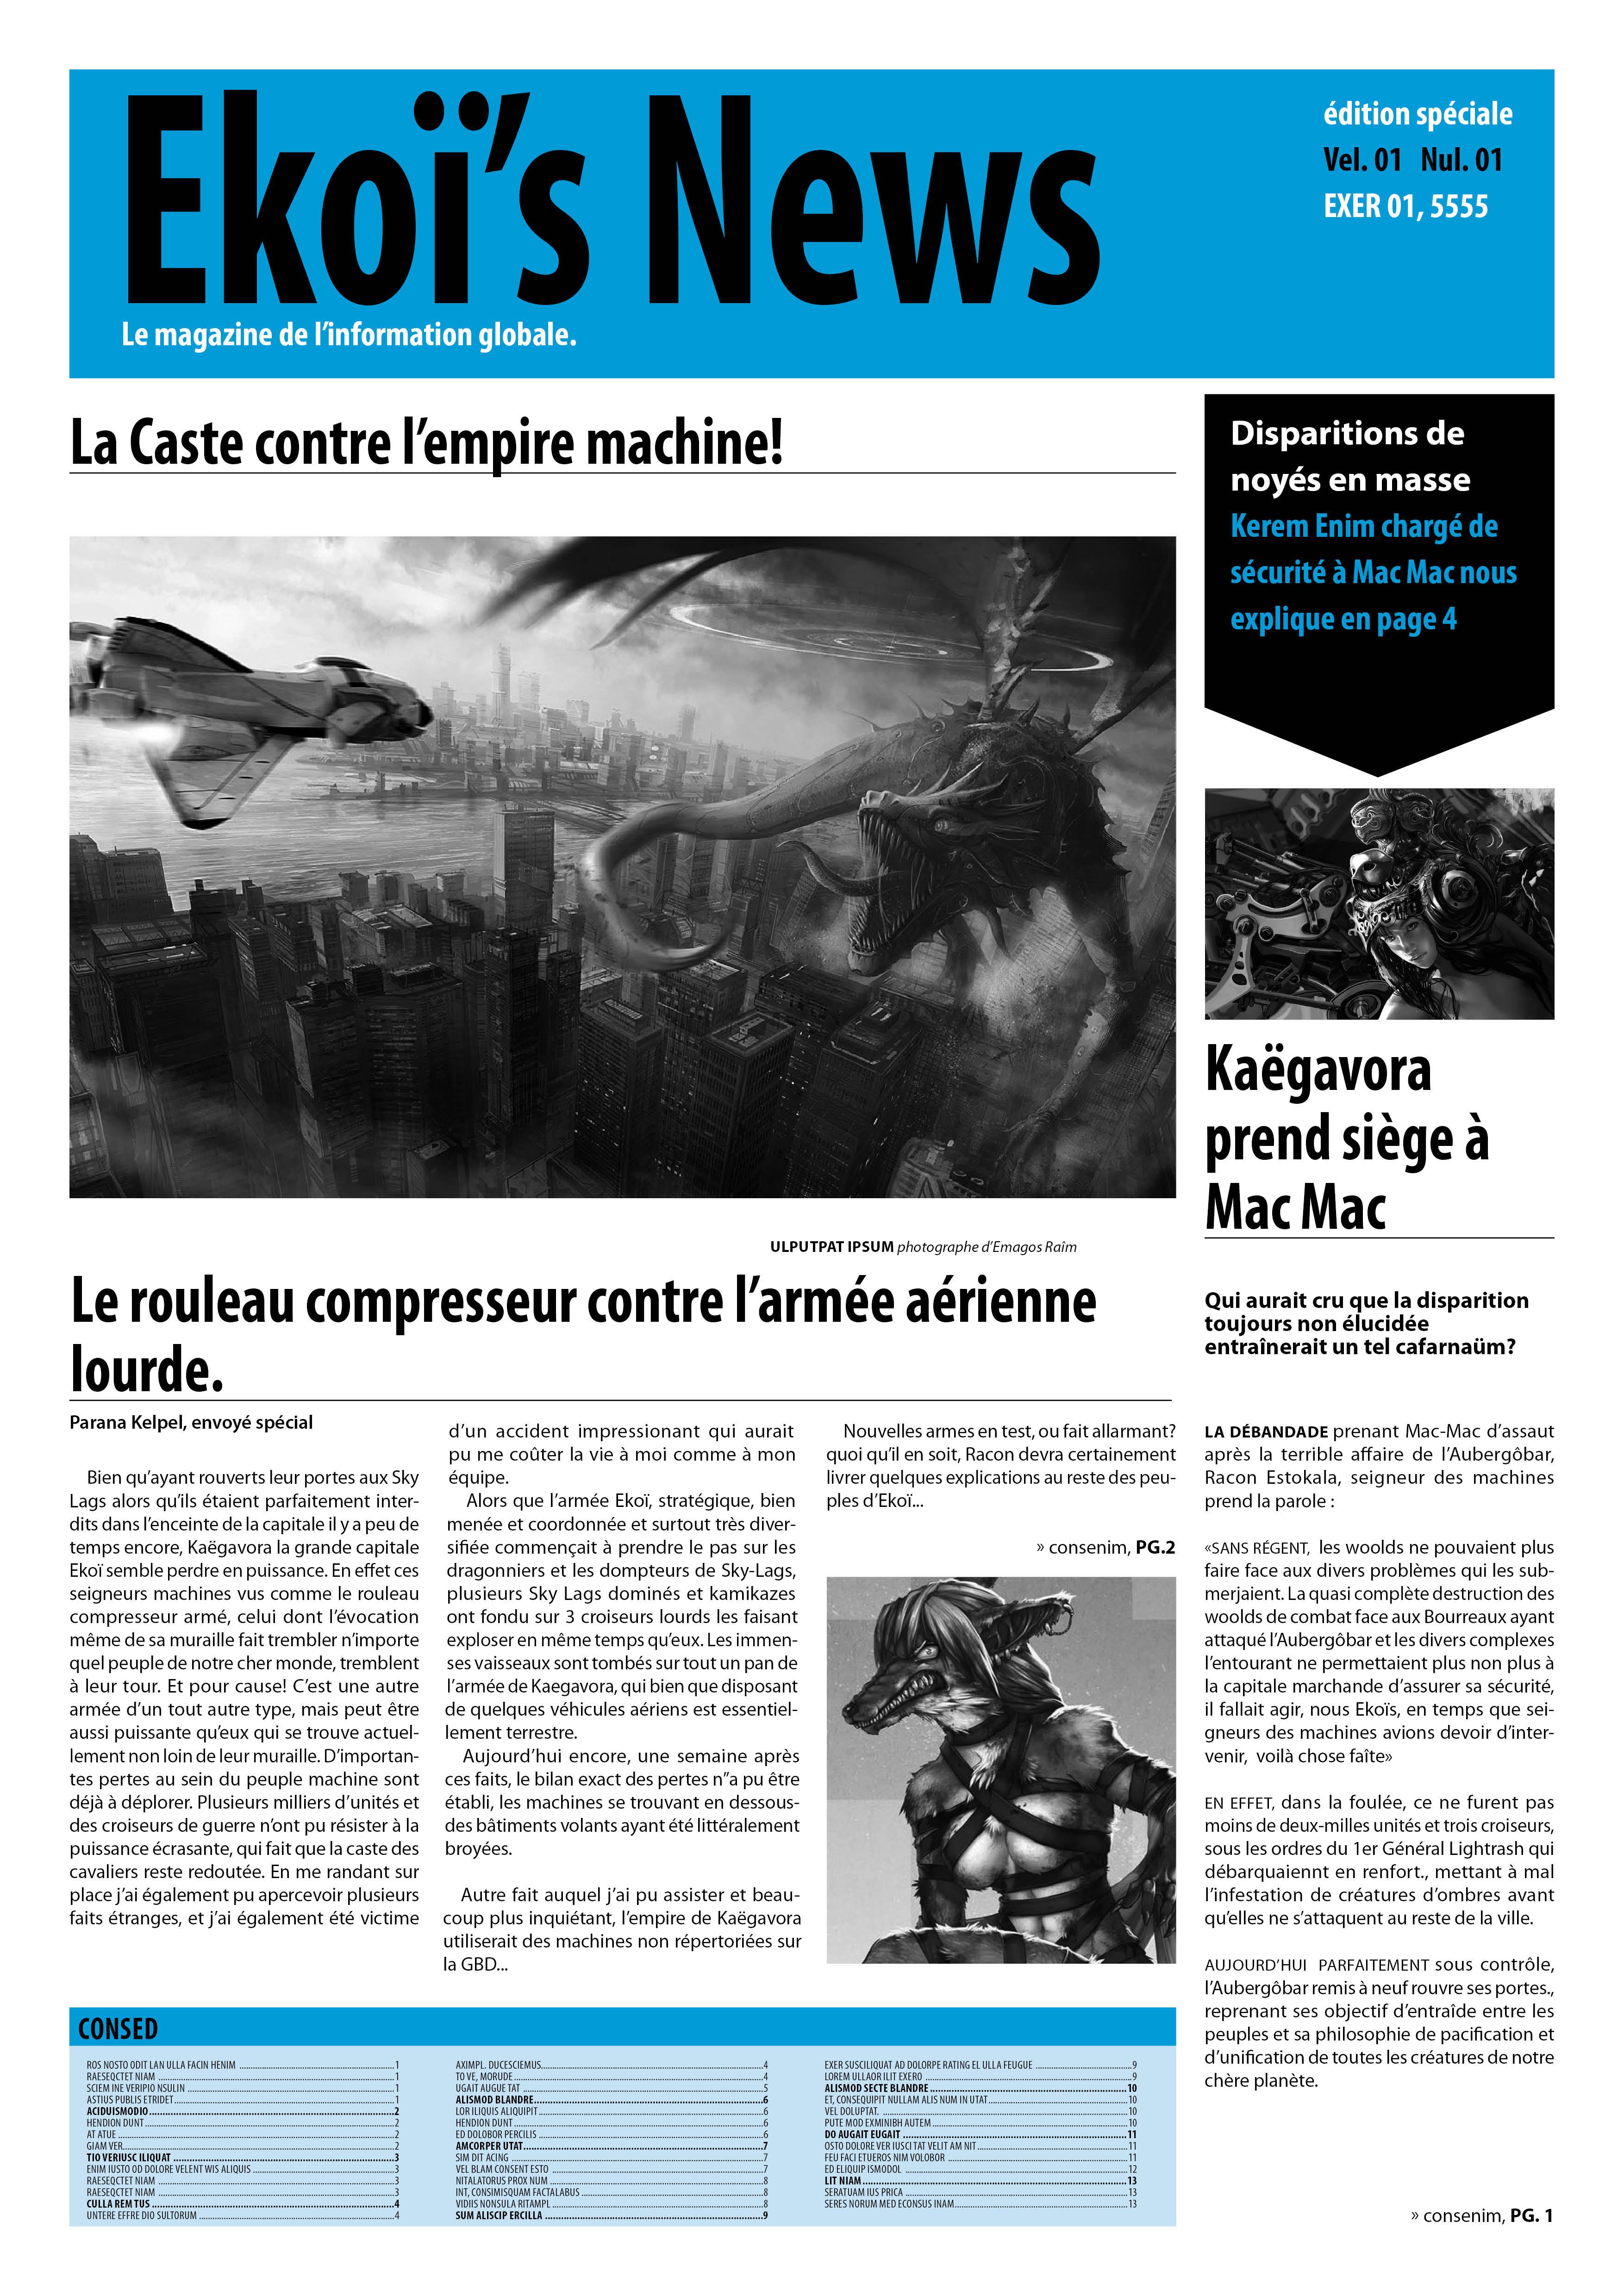 Ekoï's News, édition spéciale fin d'année! Ekoi_news